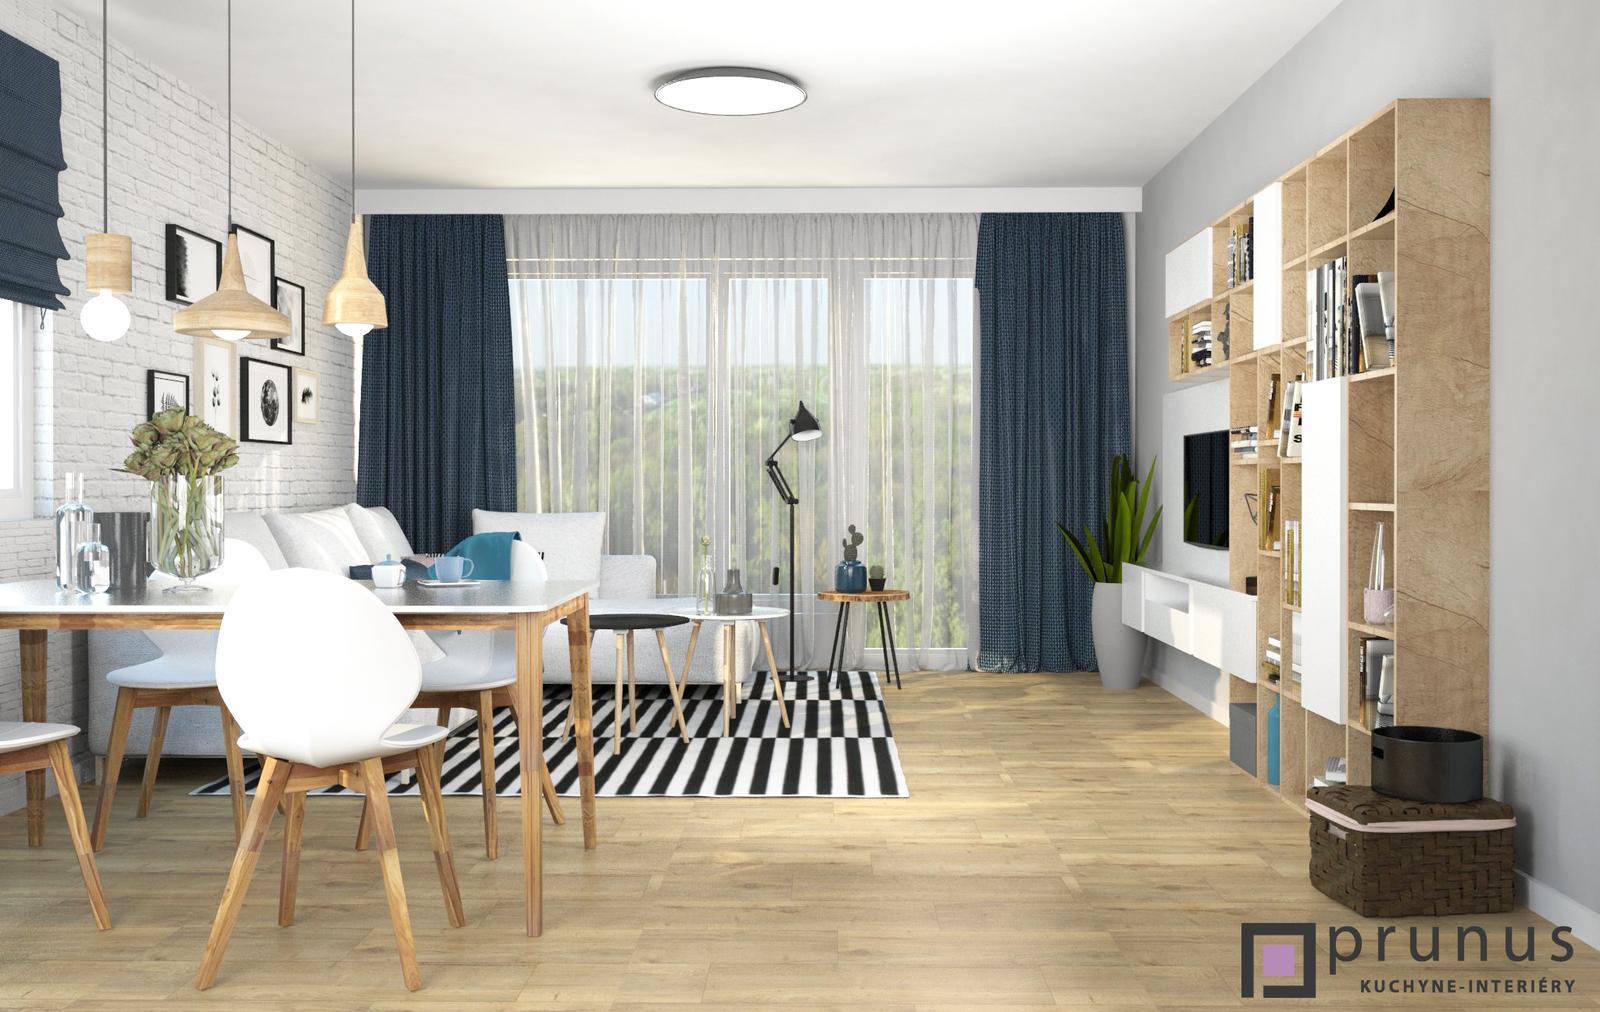 Moderný severský interiérový dizajn | PRUNUS štúdio - Moderný severský interiérový dizajn, návrh a realizácia | PRUNUS Studio